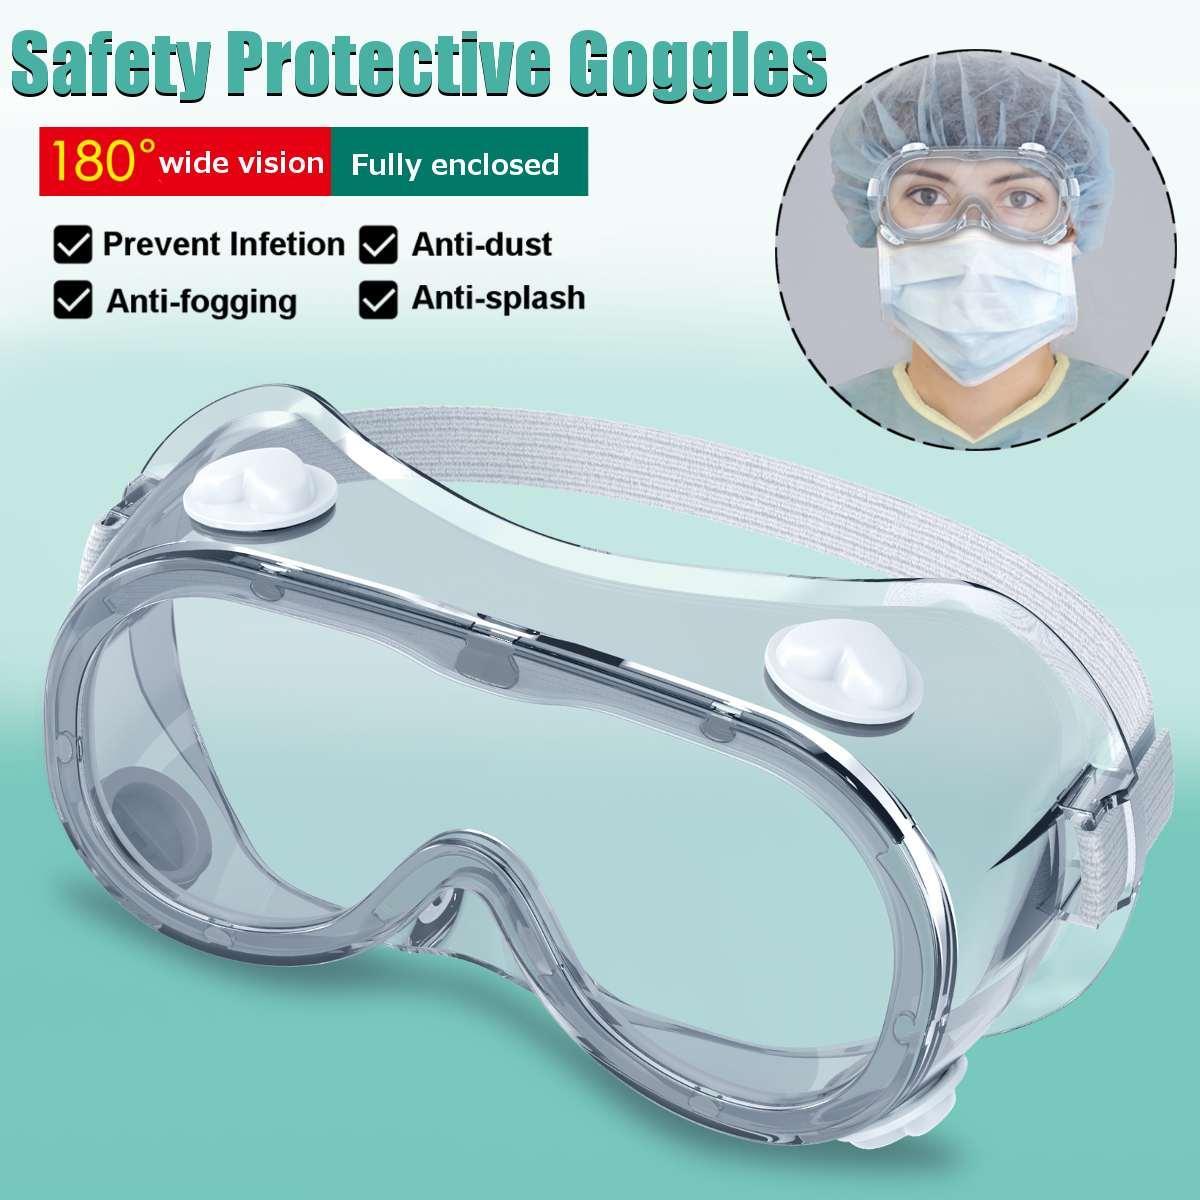 2 Type de protection Lunettes de protection Lunettes large vision indirecte à usage unique Vent Masque pour les yeux anti-buée Lunettes Splash